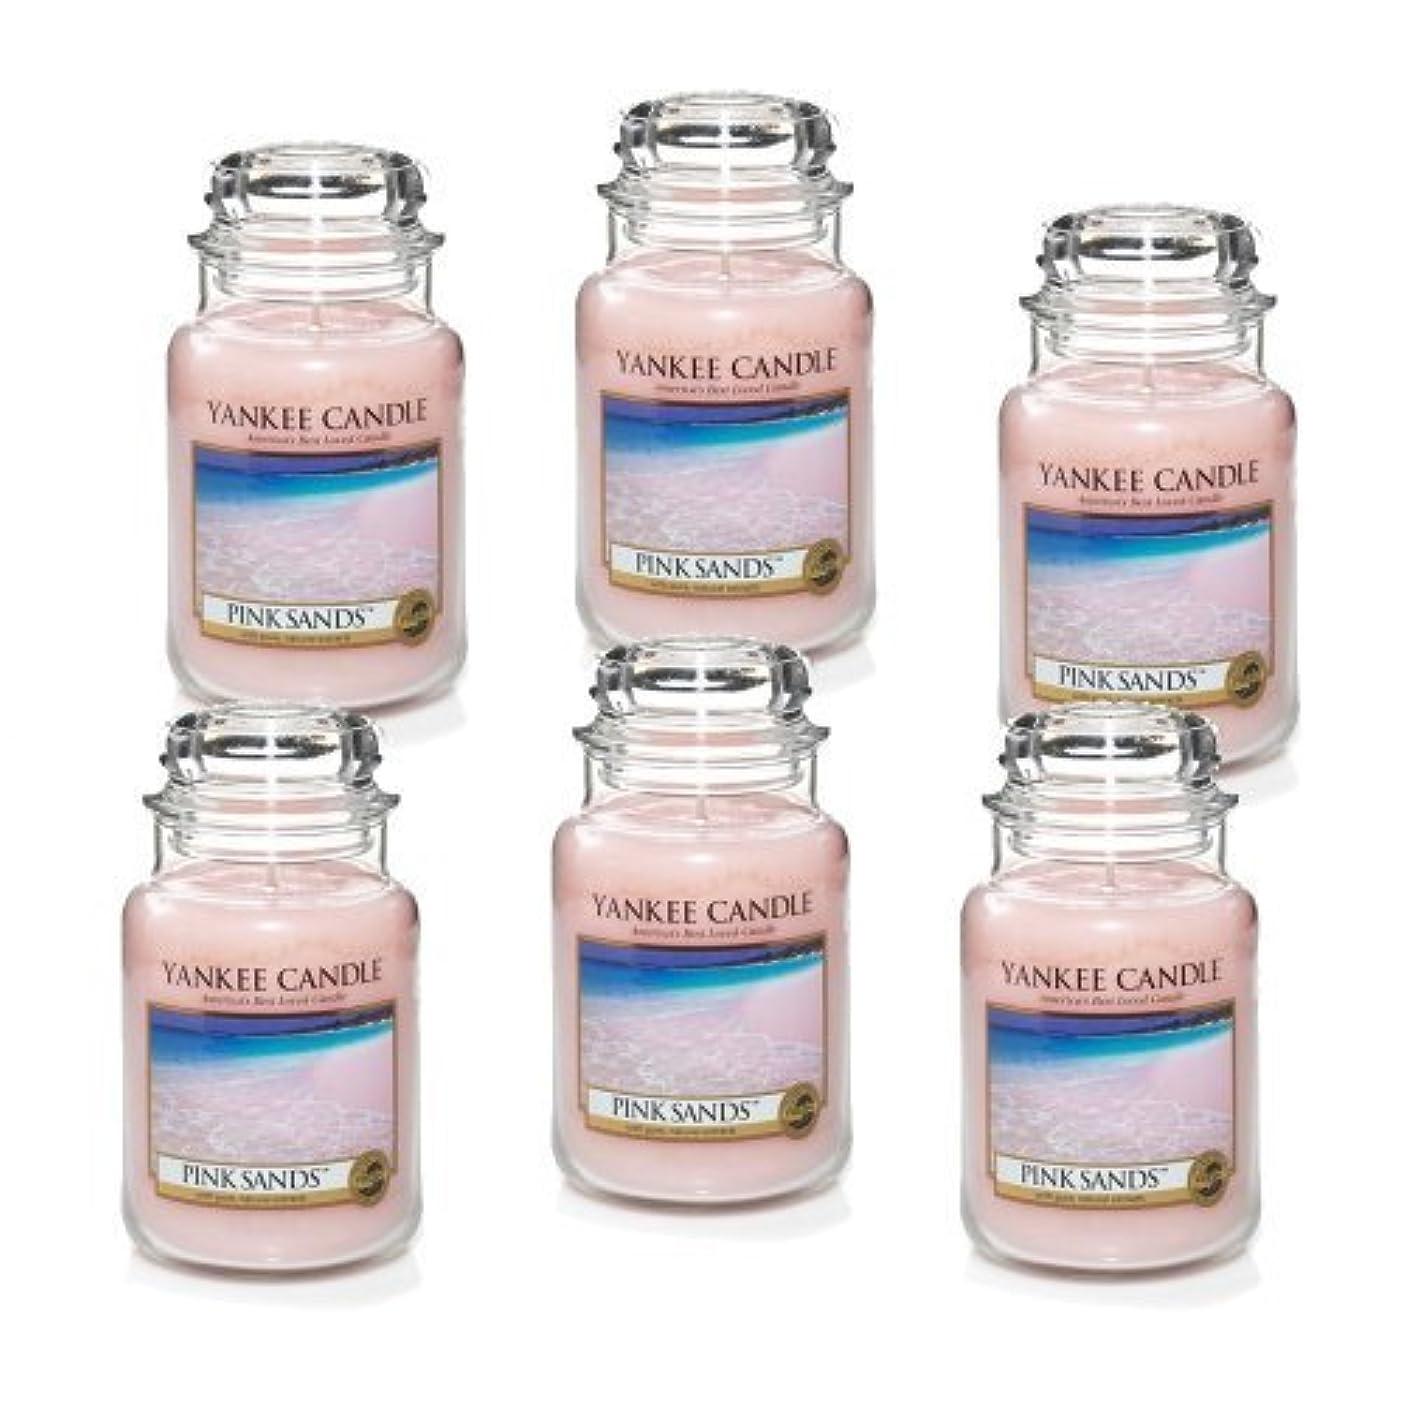 ジェム夫保存Yankee Candle Company 22-Ounce Pink Sands Jar Candle, Large, Set of 6 by Amazon source [並行輸入品]